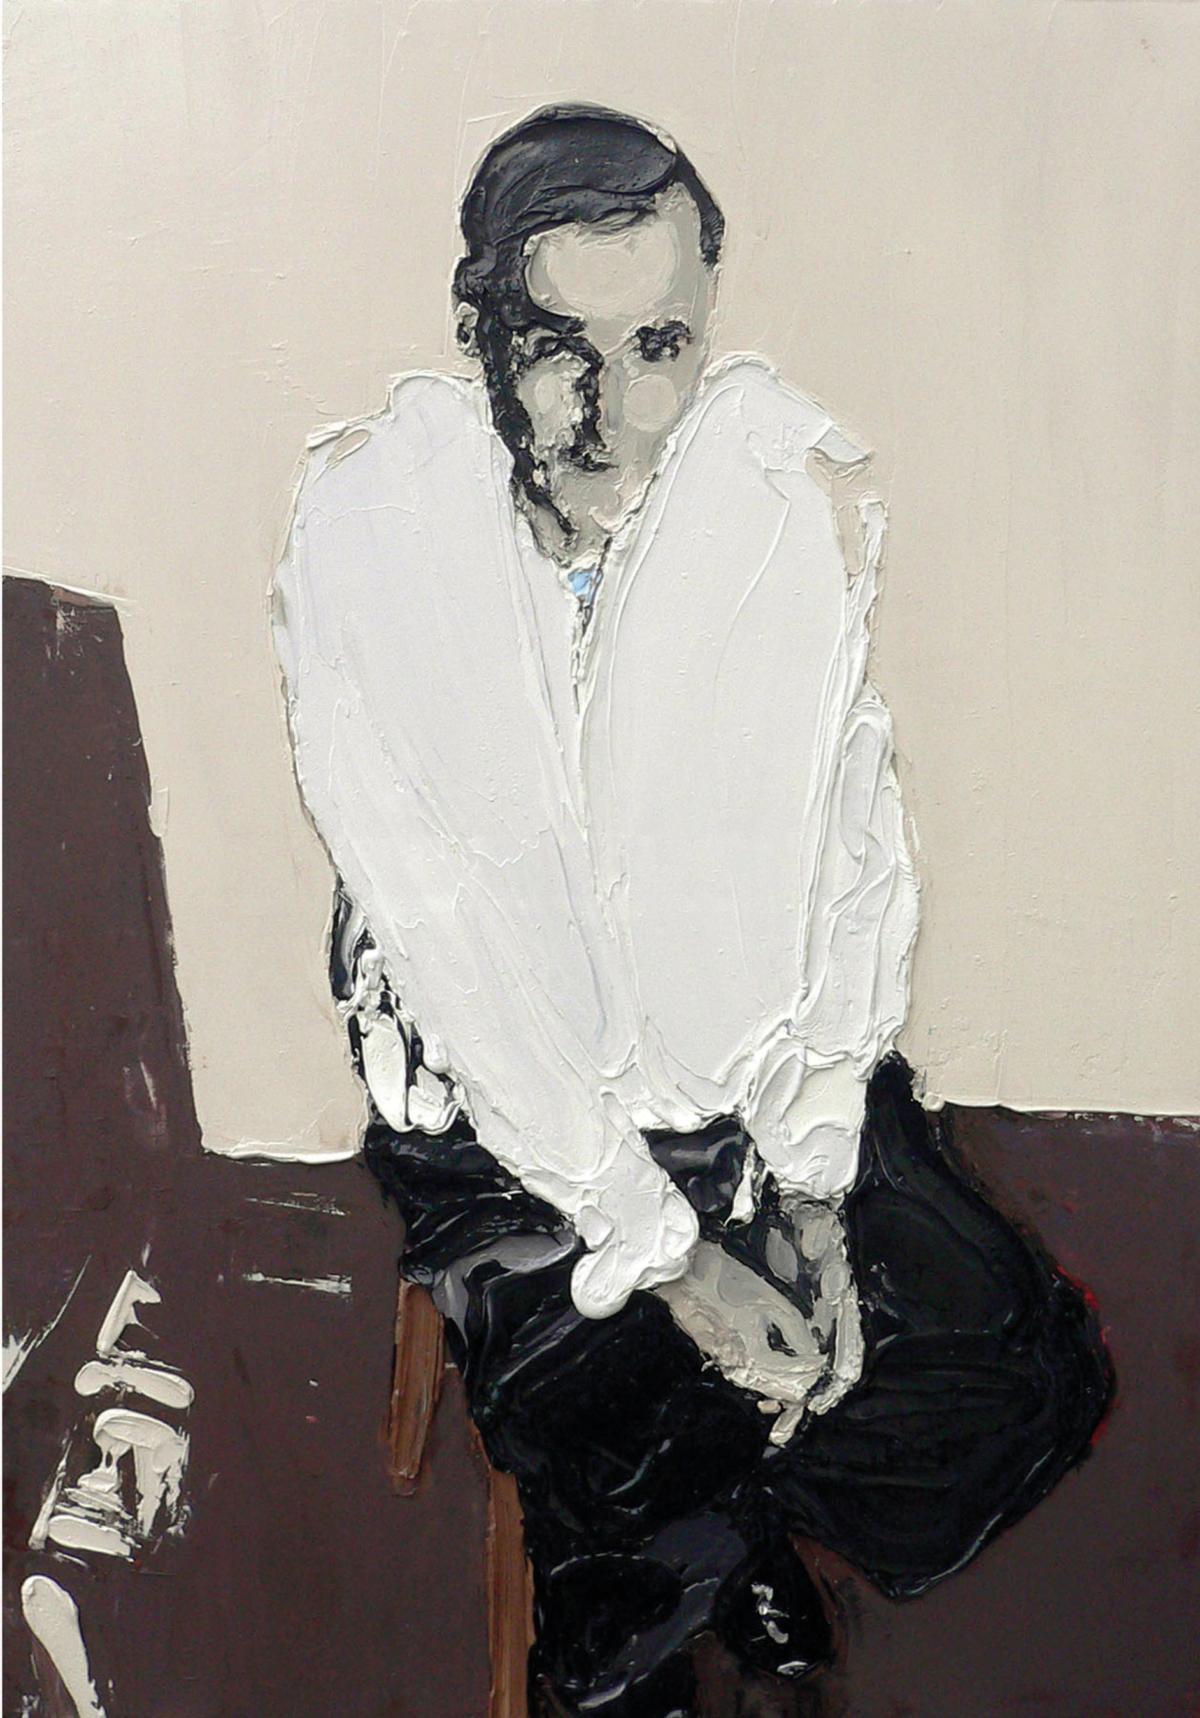 Mr Sicard, 2009 Huile et acrylique sur toile, 116 x 89 cm ©Vincent Ruffin